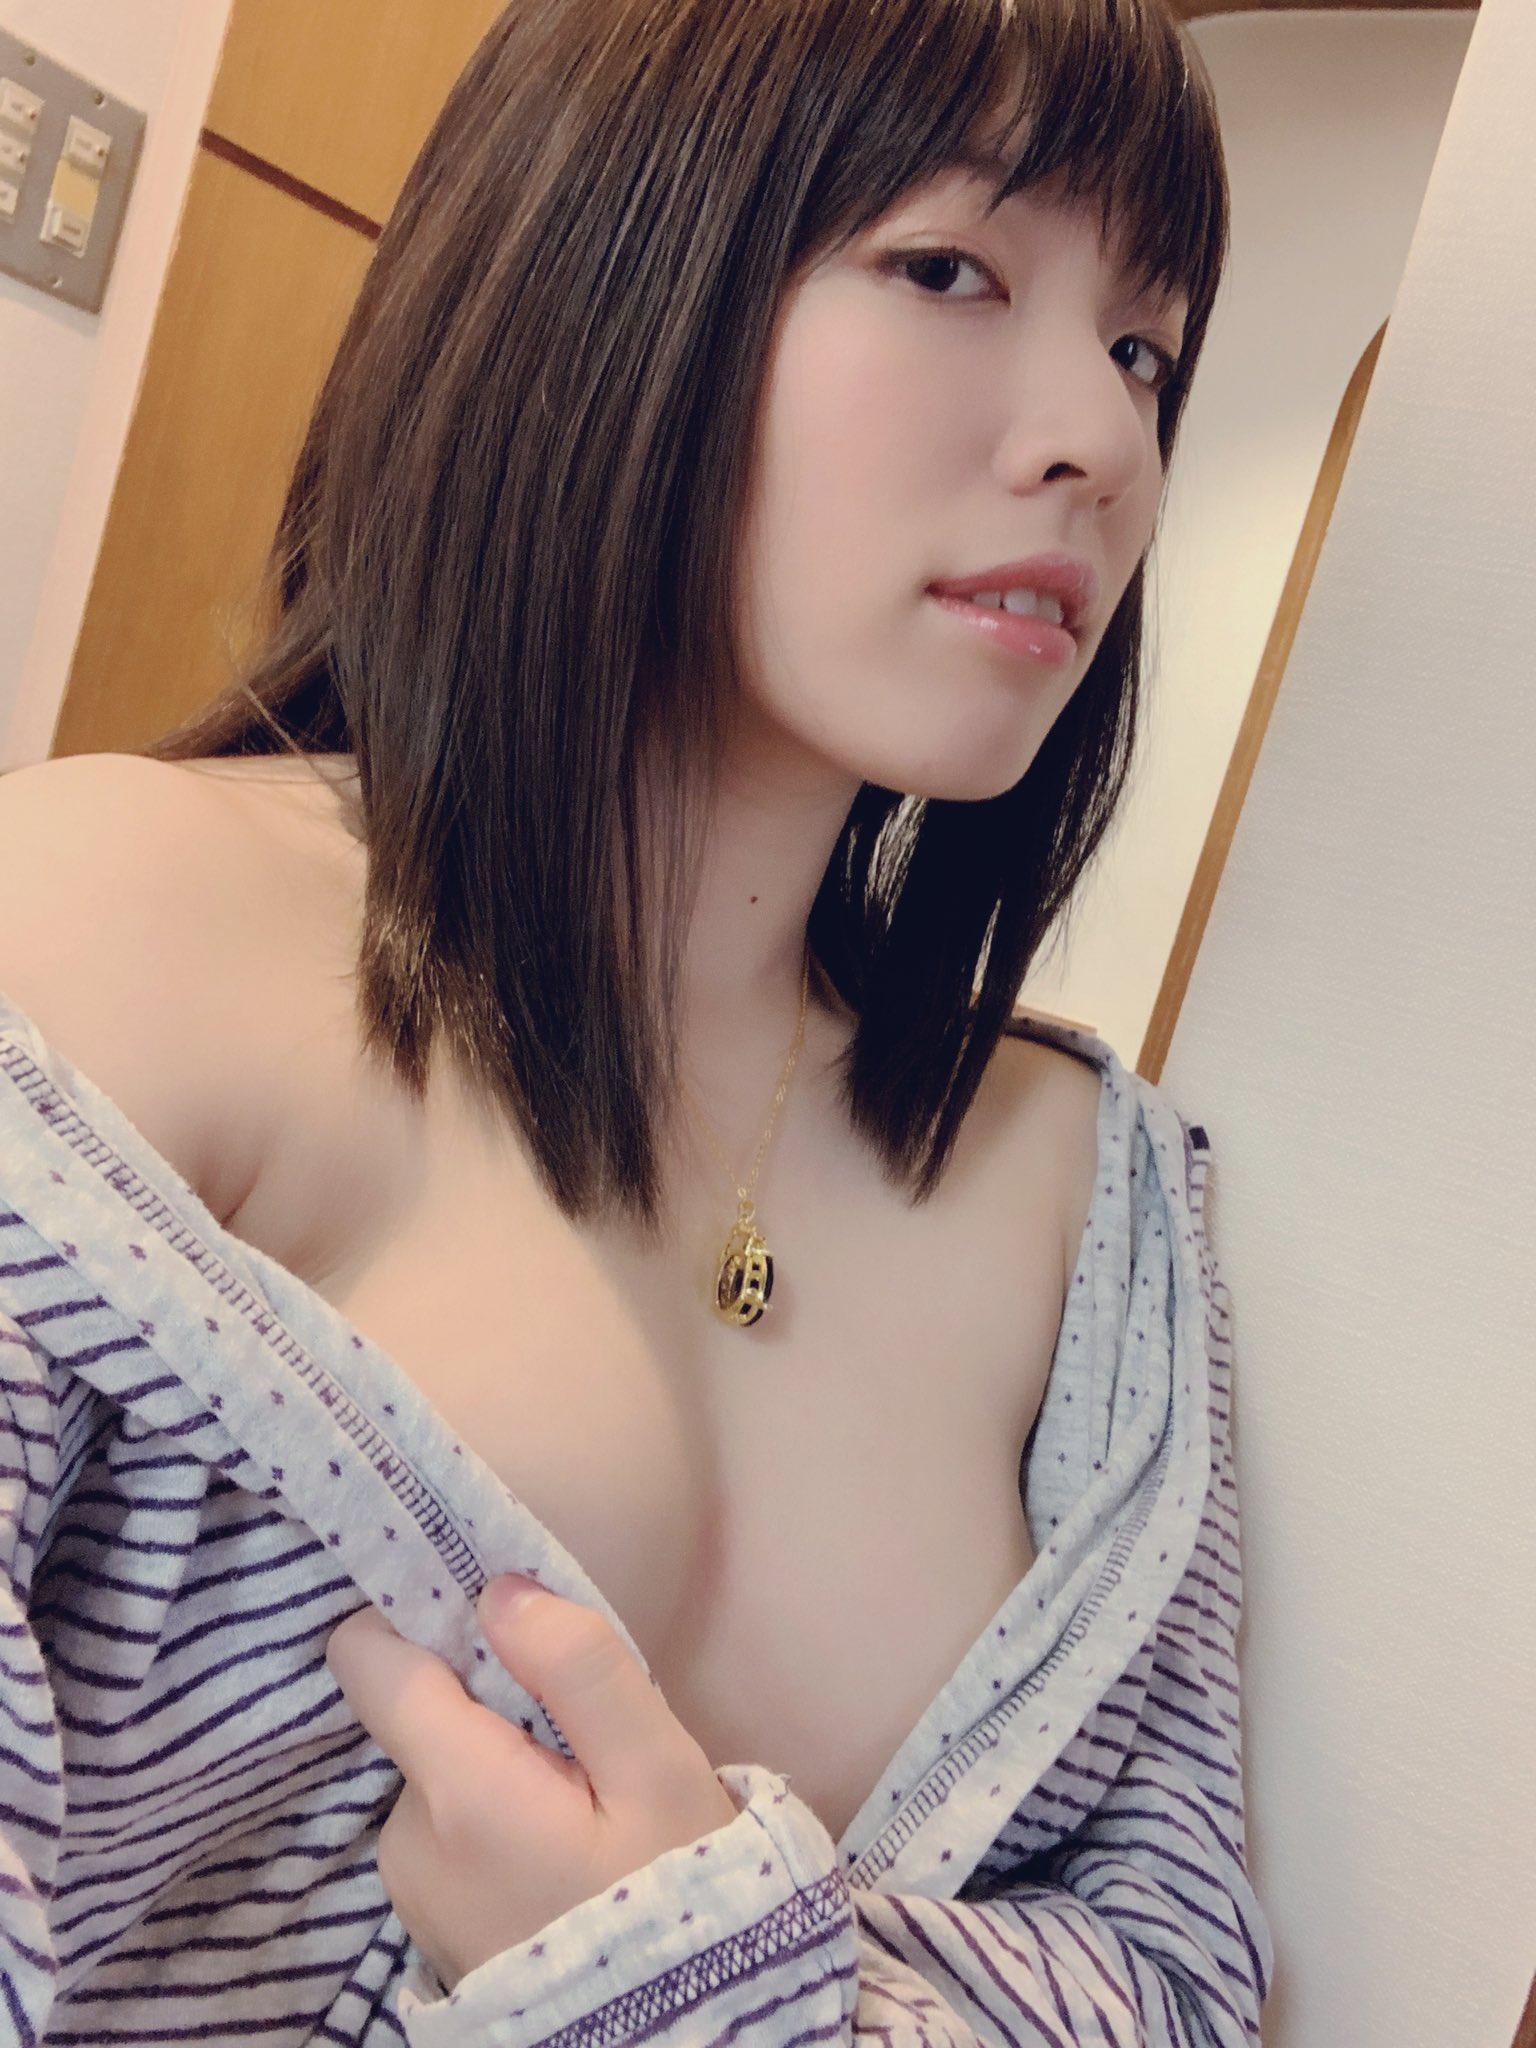 สาวAV-เรื่องราวเบื้องหลังอันน่าหดหู่ของดาราเอวี  - Shirayuki Sayo